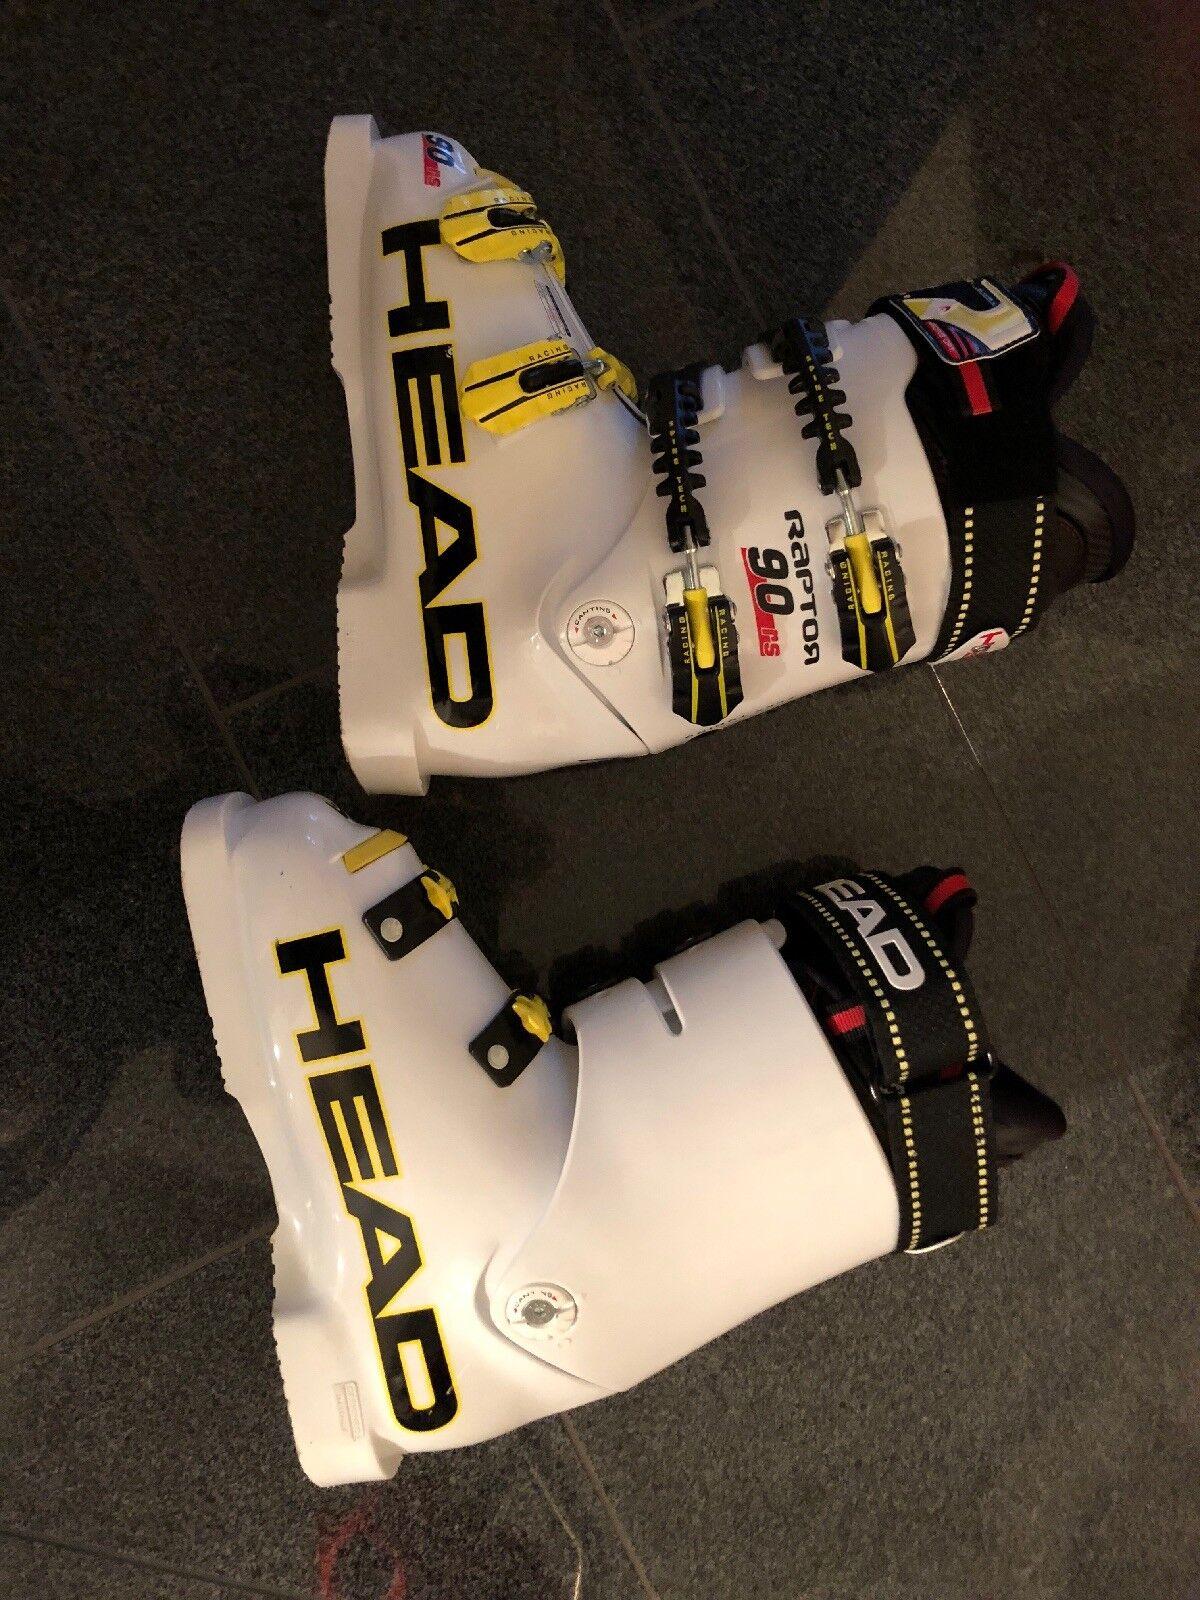 HEAD RAPTOR 90 Racing Skischuhe Unisex Gr.38 1 Tag(2,5 Std.) getragen 289 Euro